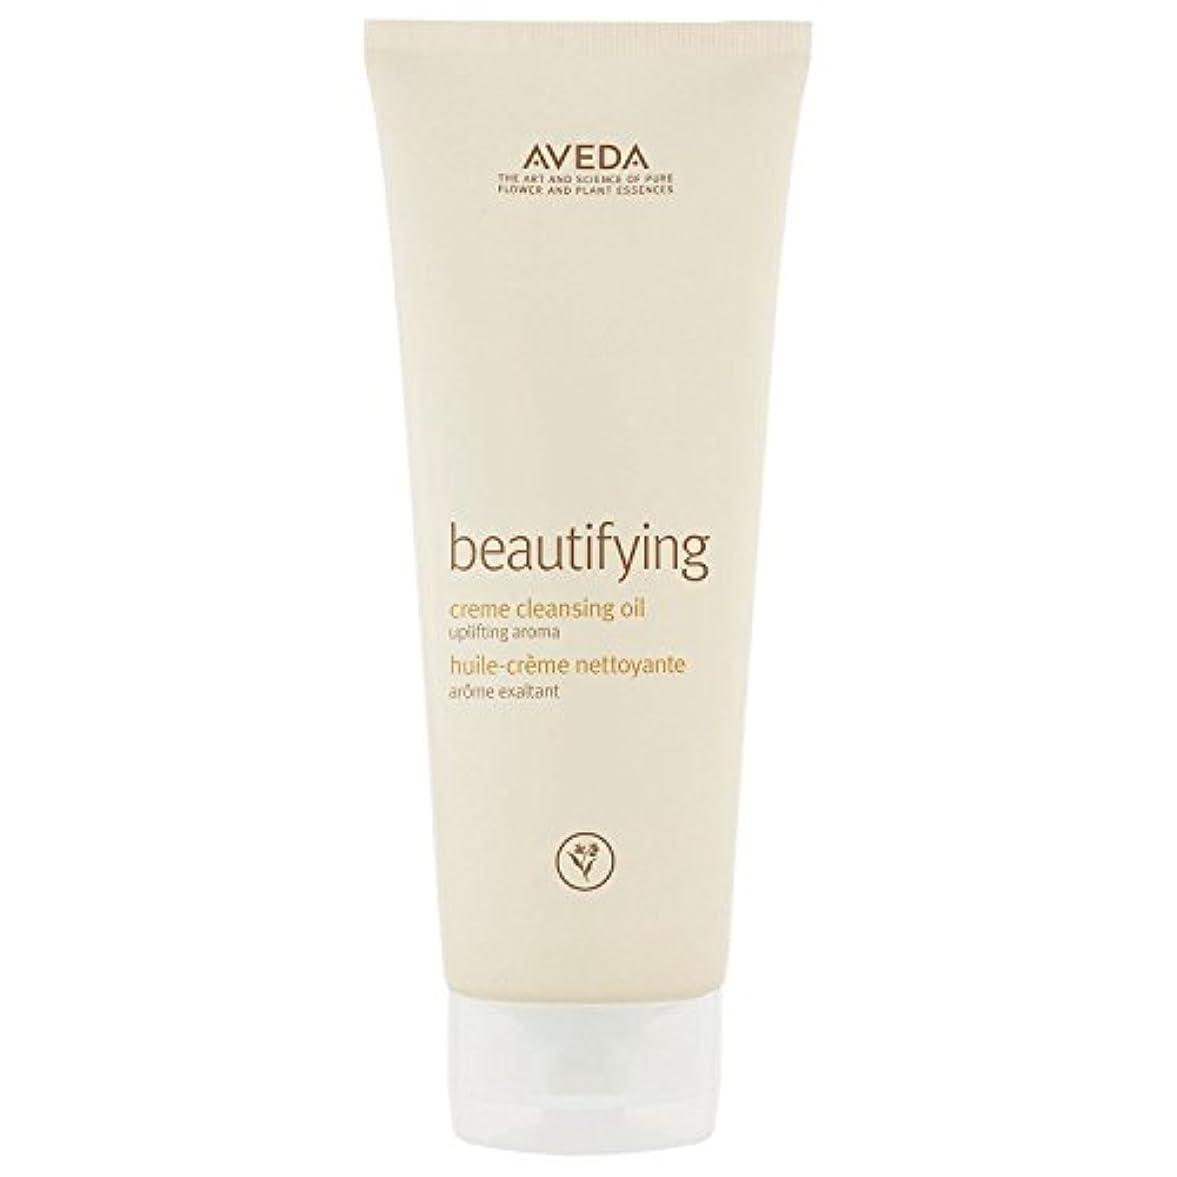 放射性権限を与えるタオル[AVEDA] アヴェダクリームボディクレンザーオイル200ミリリットルを美化 - Aveda Beautifying Cream Body Cleanser Oil 200ml [並行輸入品]